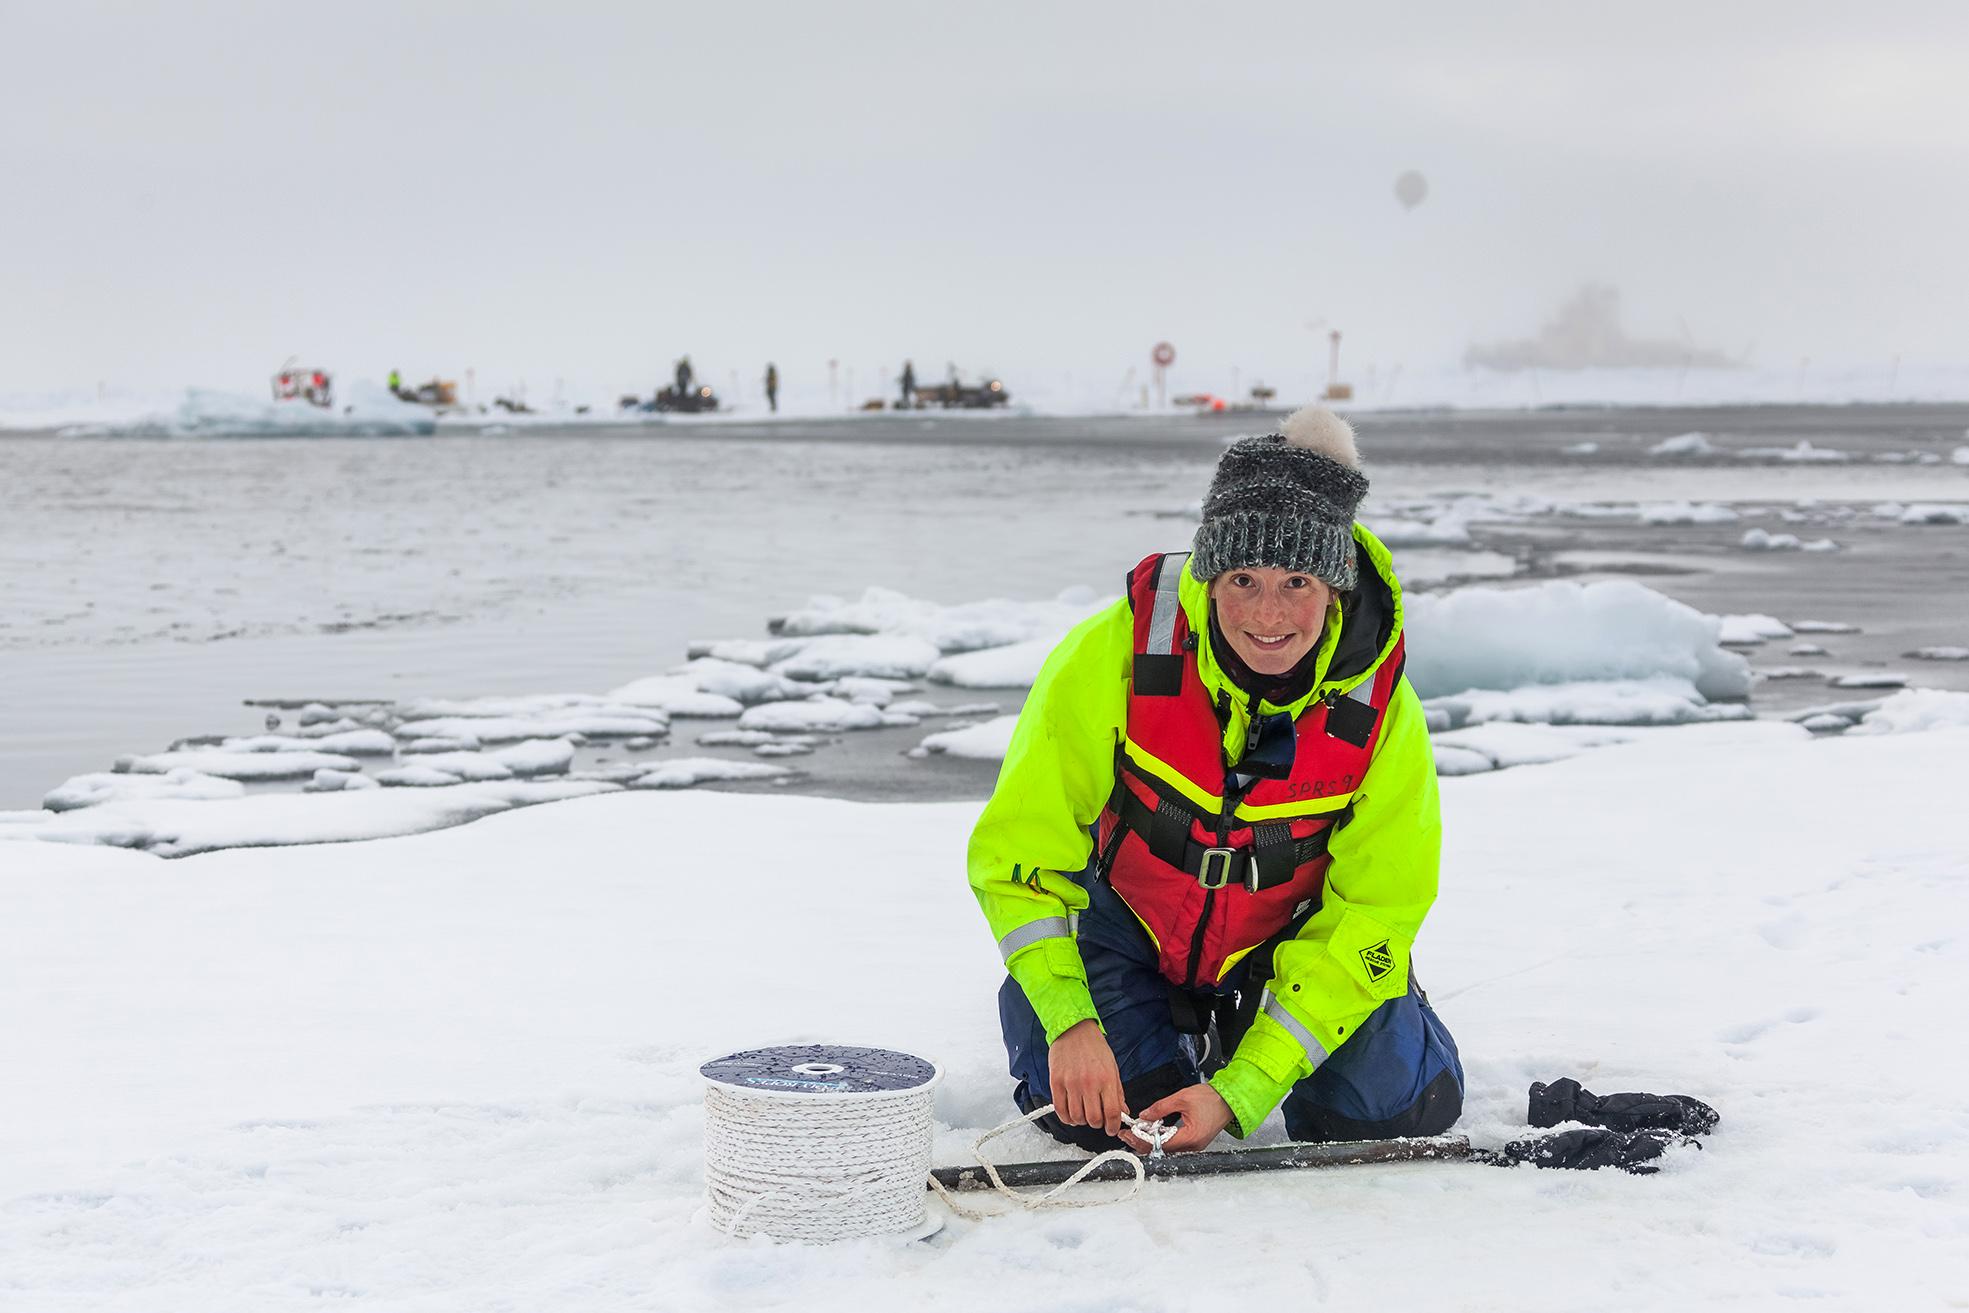 Helen Czerski gör ett isankare på ett av isflaken på andra sidan råken. Foto: Mario Hoppman